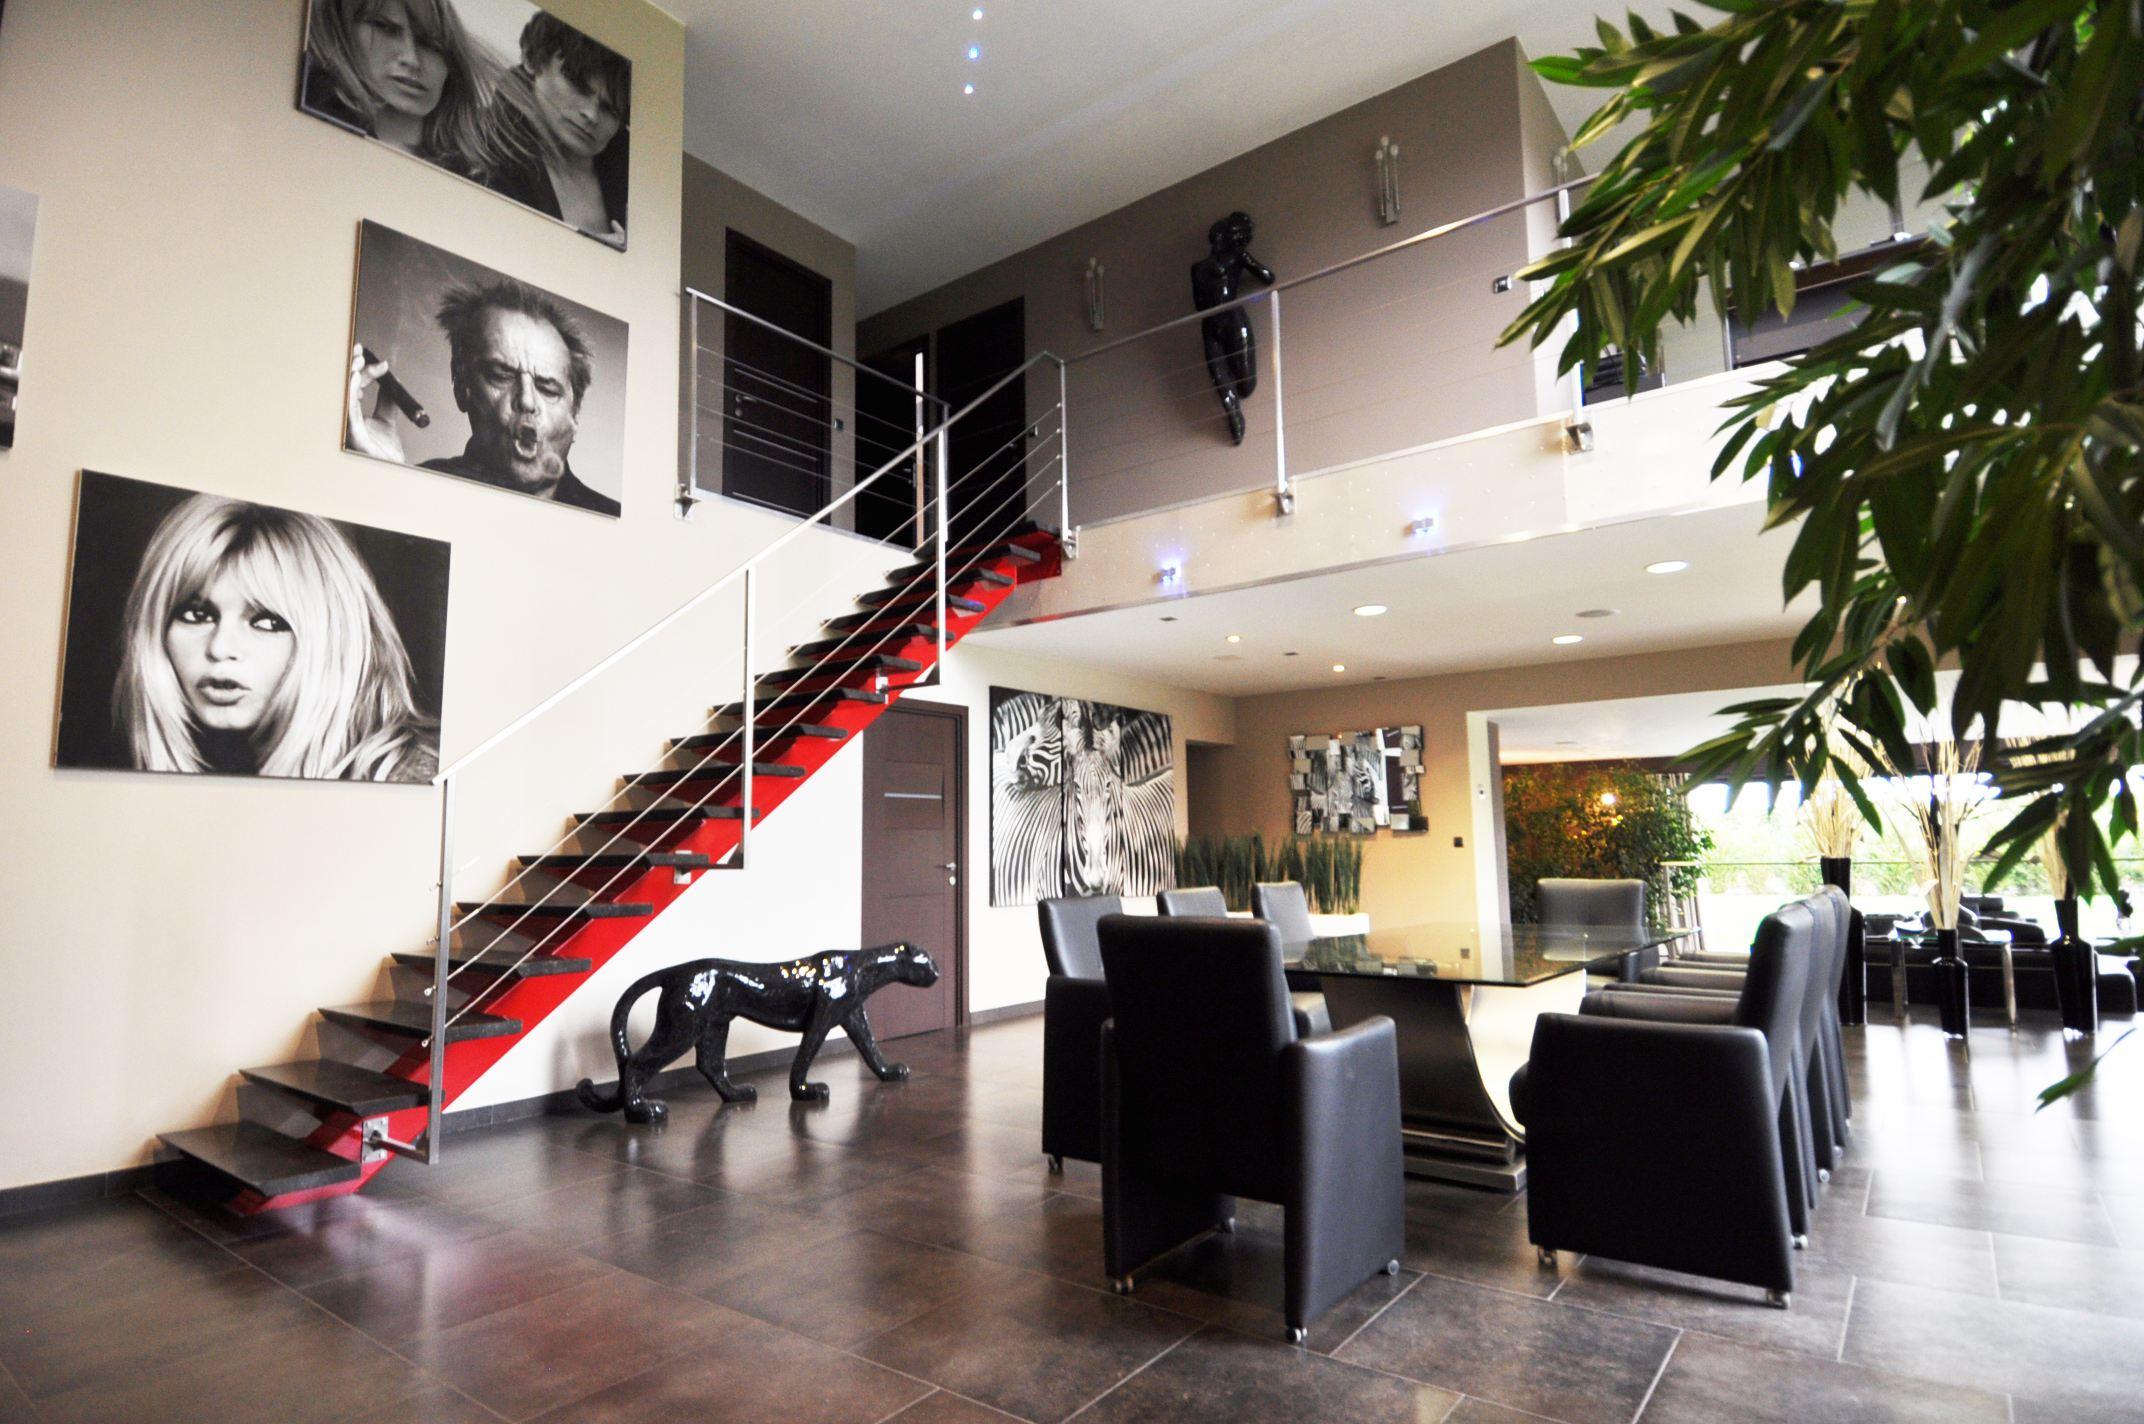 Single Family Home for Sale at NEAR SAINT-AMAND, 385sqm Stunning contemporary Villa Other Nord Pas De Calais, Nord Pas De Calais, 59230 France